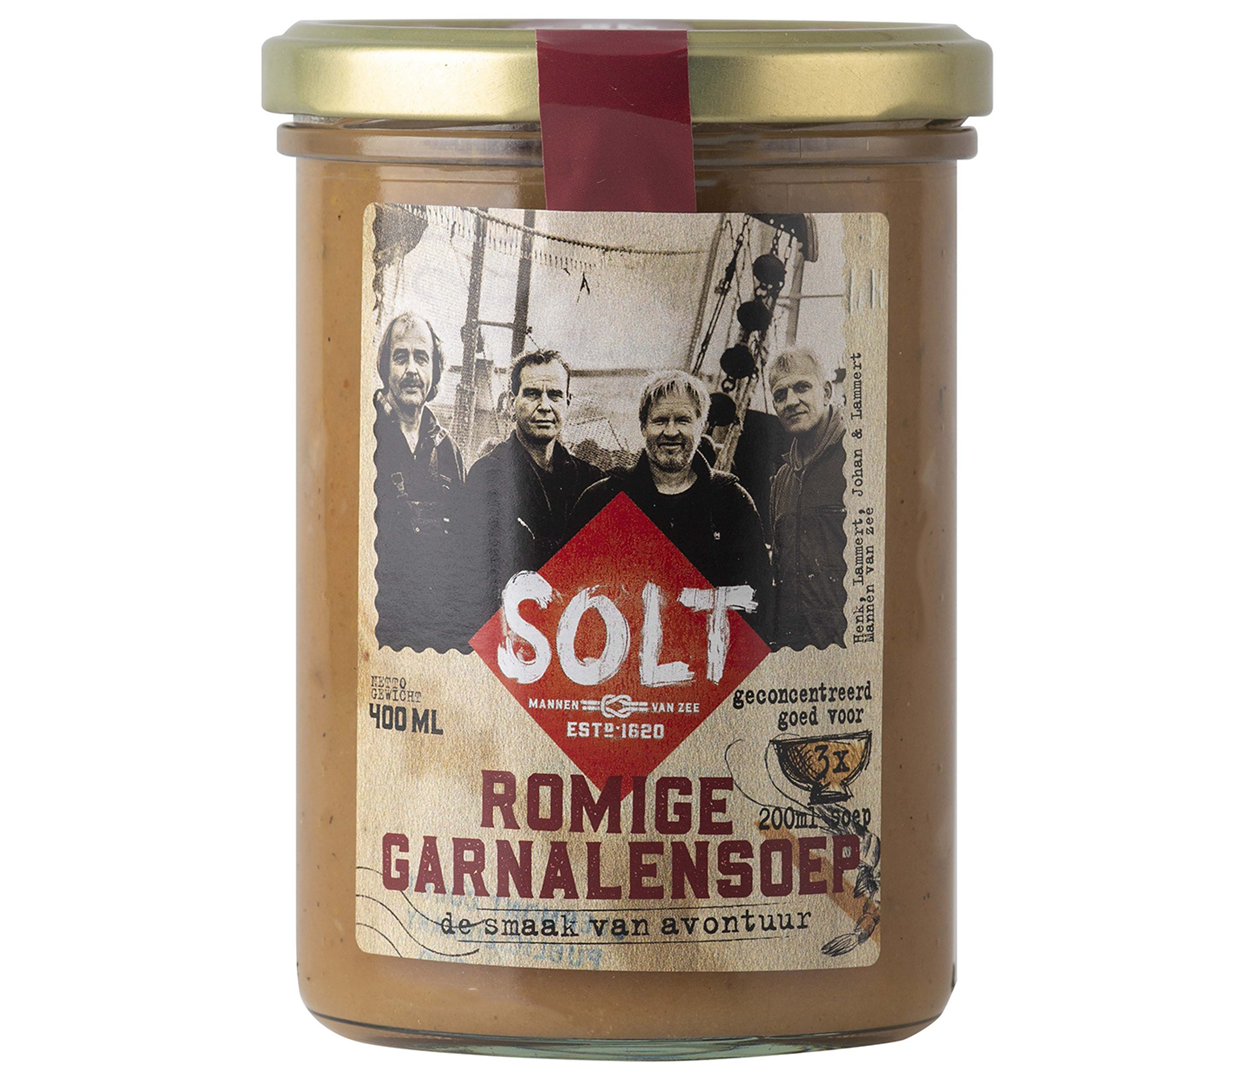 Productafbeelding SOLT ROMIGE GARNALEN SOEP